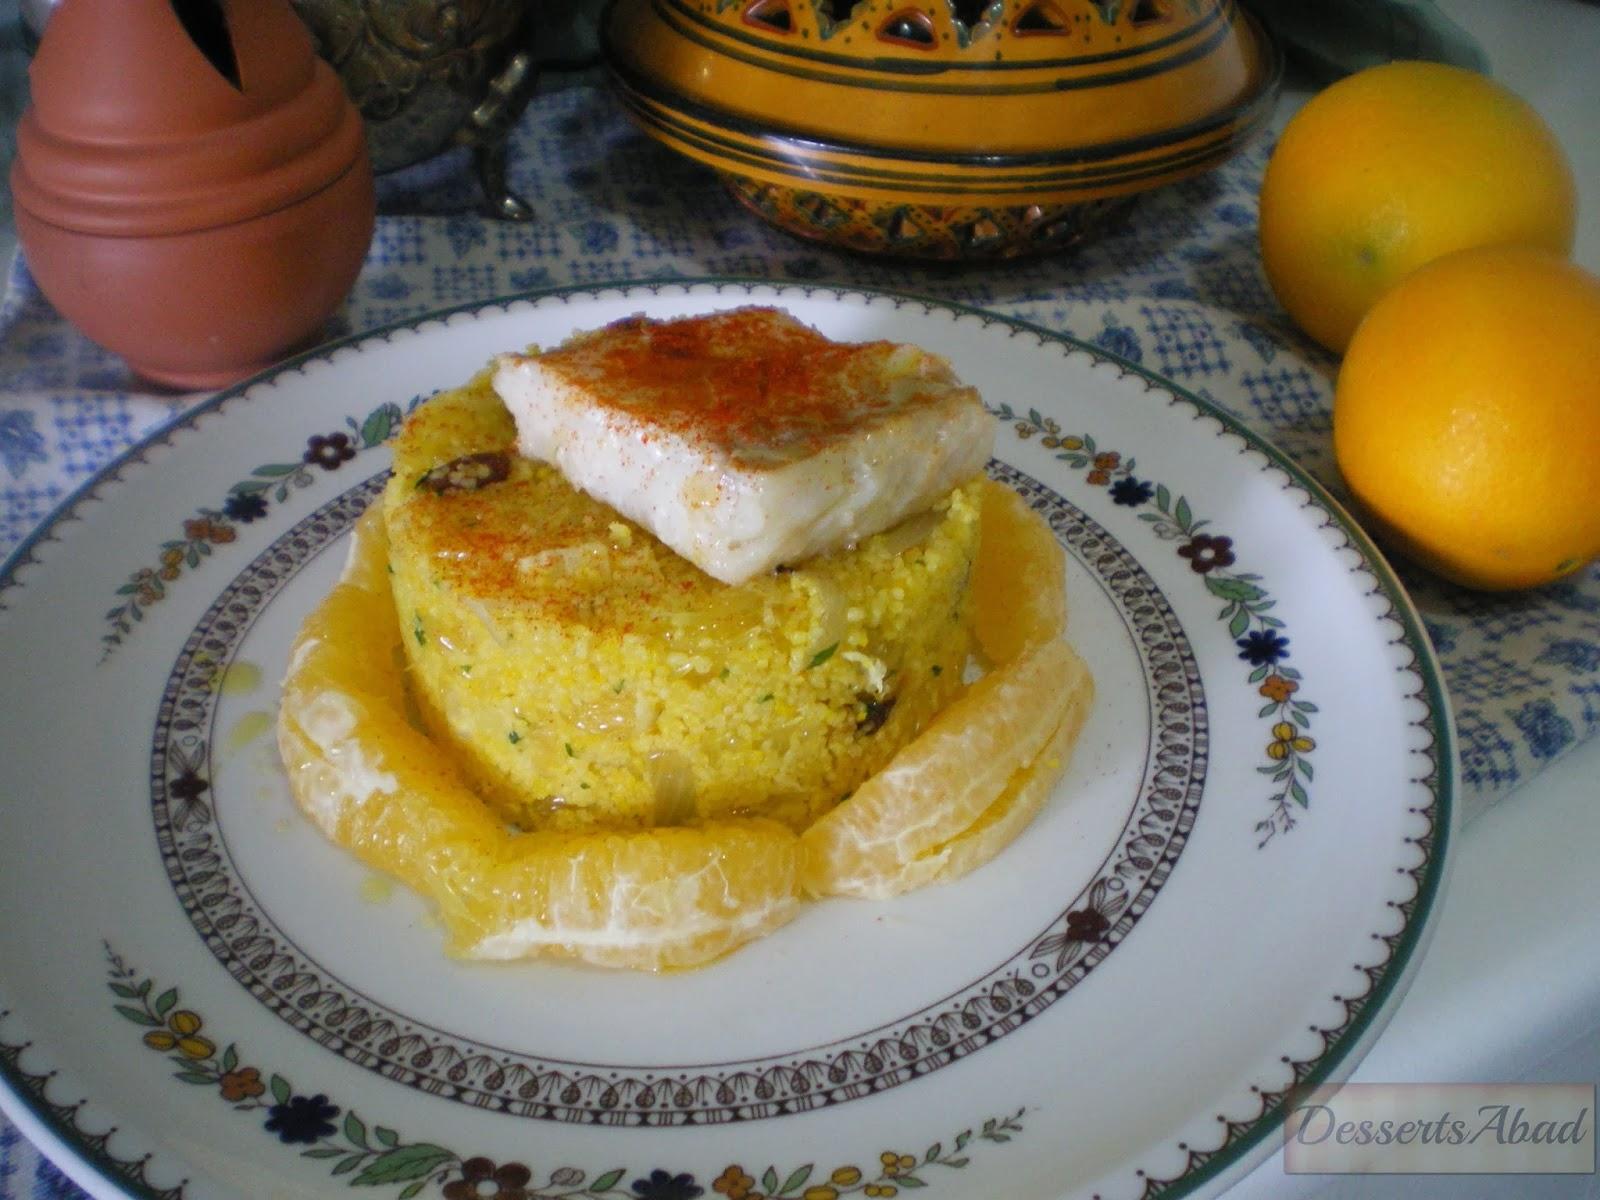 Ensalada templada de cuscús de naranja con bacalao